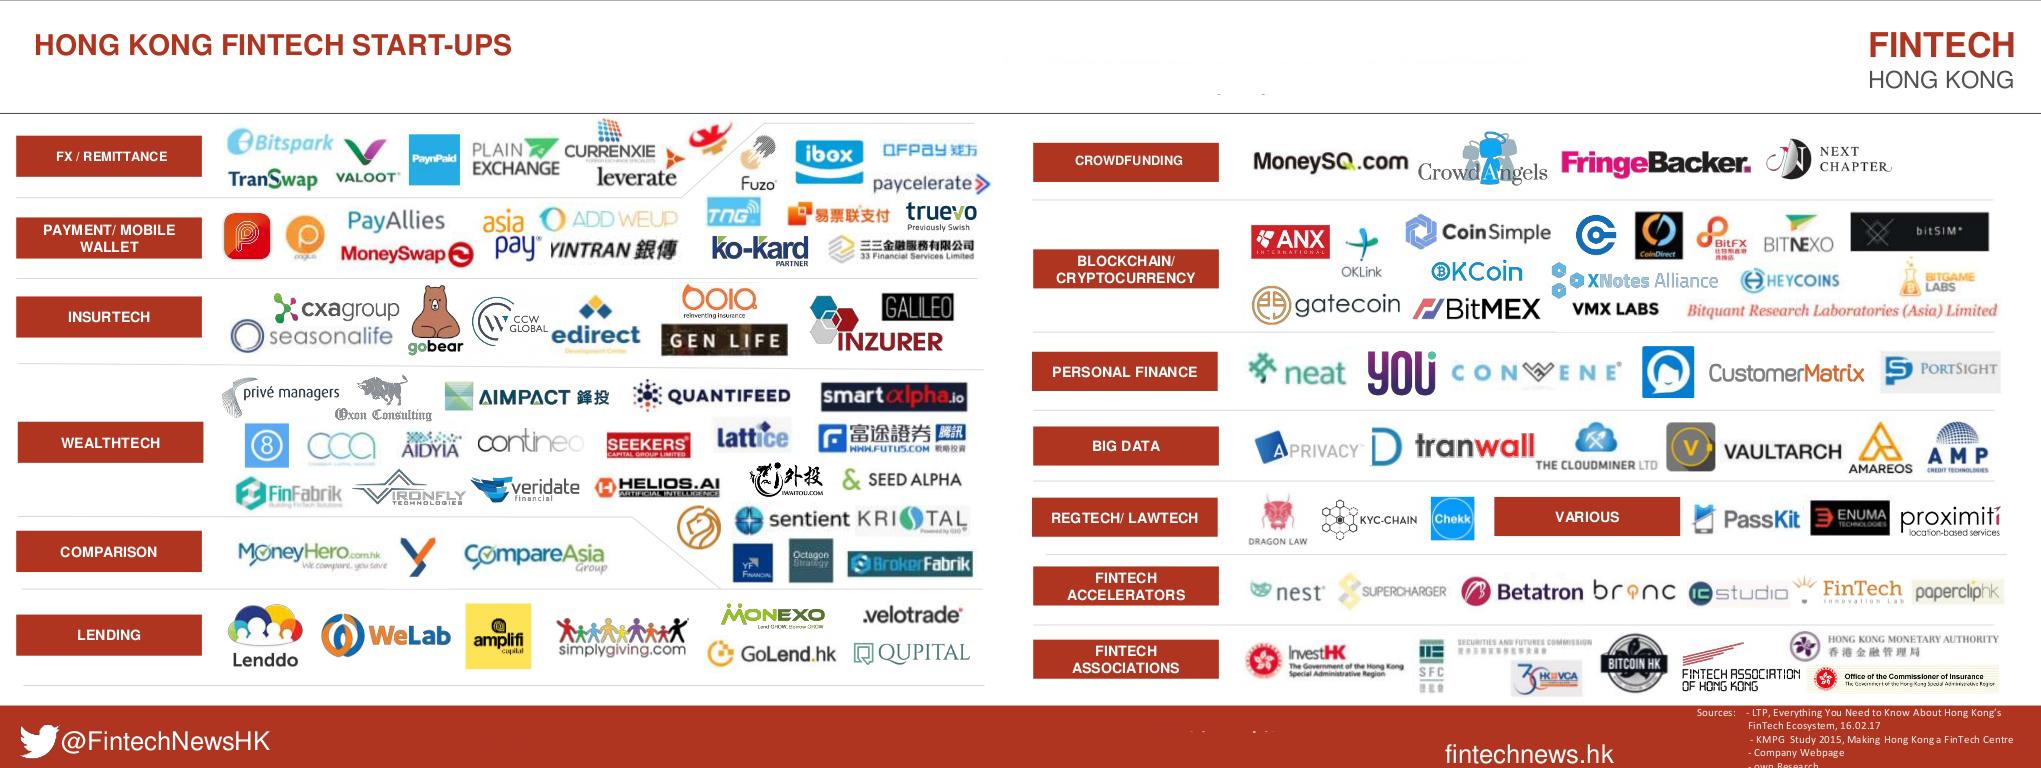 Hong Kong Fintech Startup